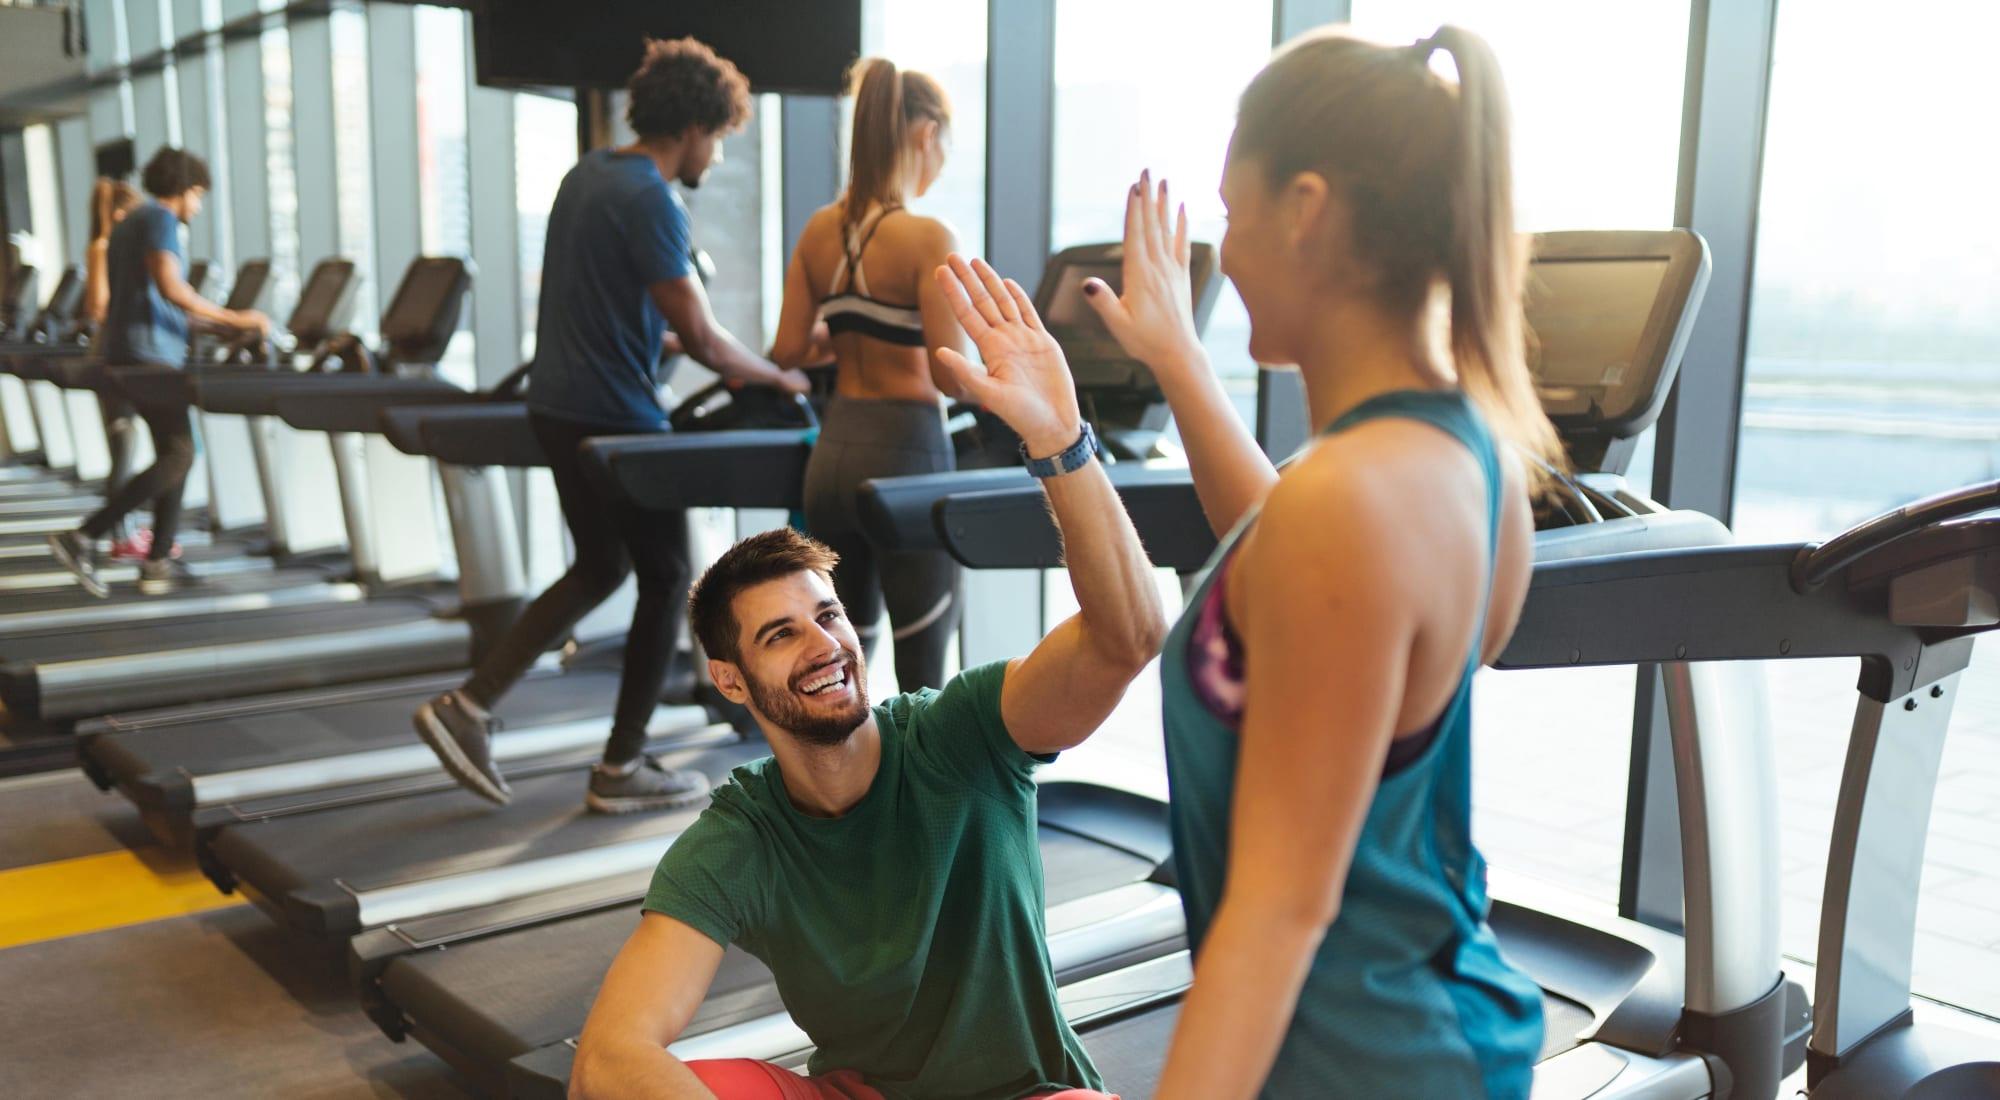 3 Τρόποι να κάνετε την άσκηση επιθυμία και όχι υποχρέωση!